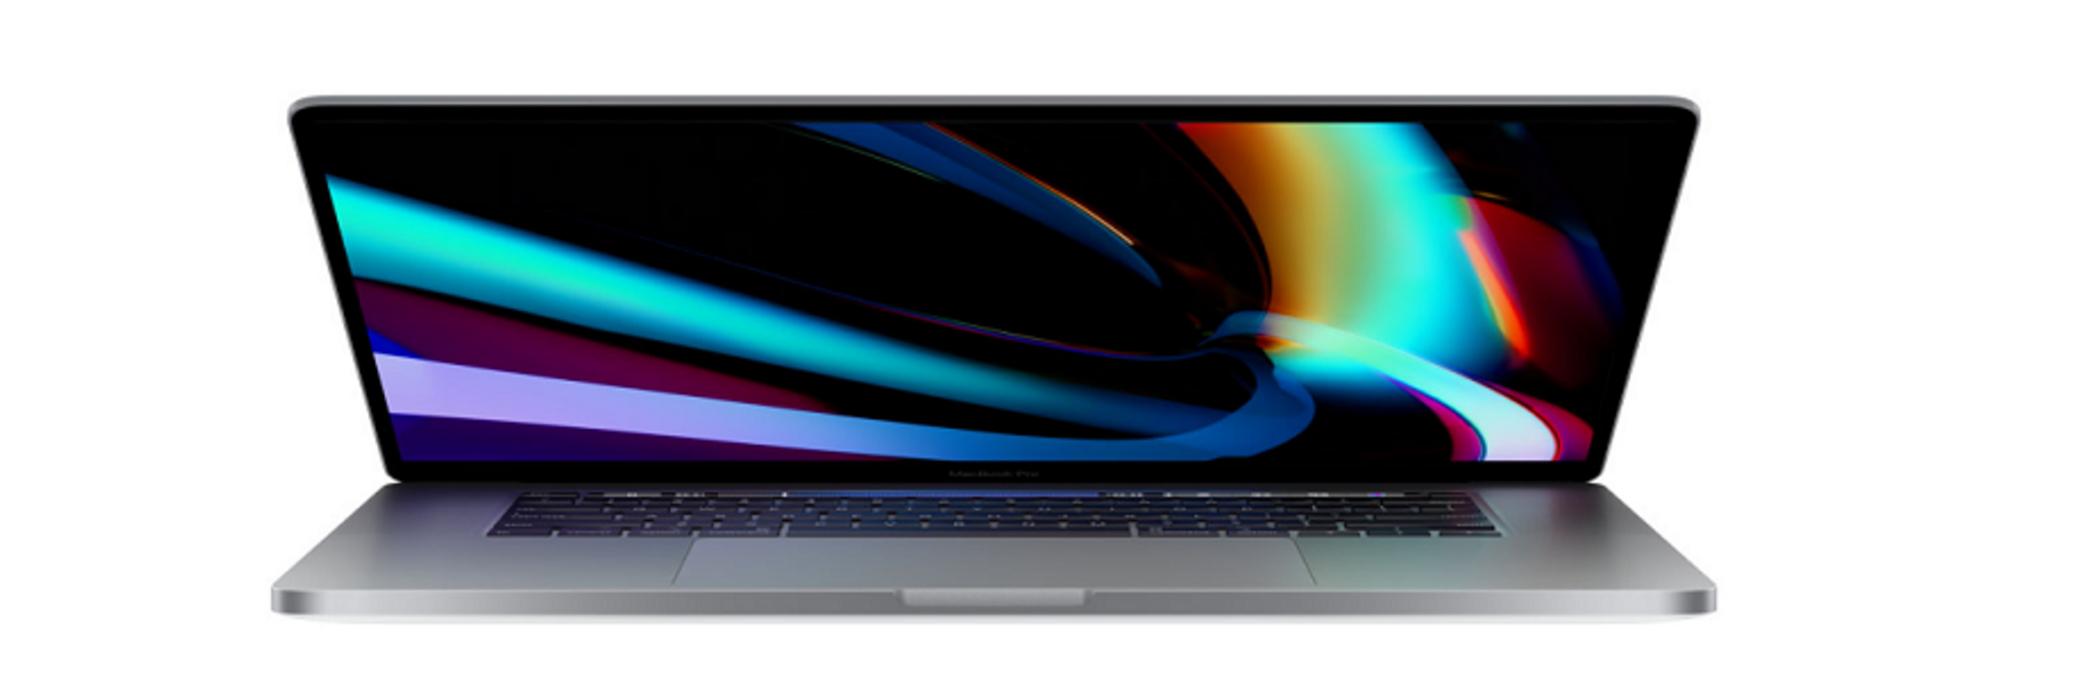 The MacBook Pro half opened